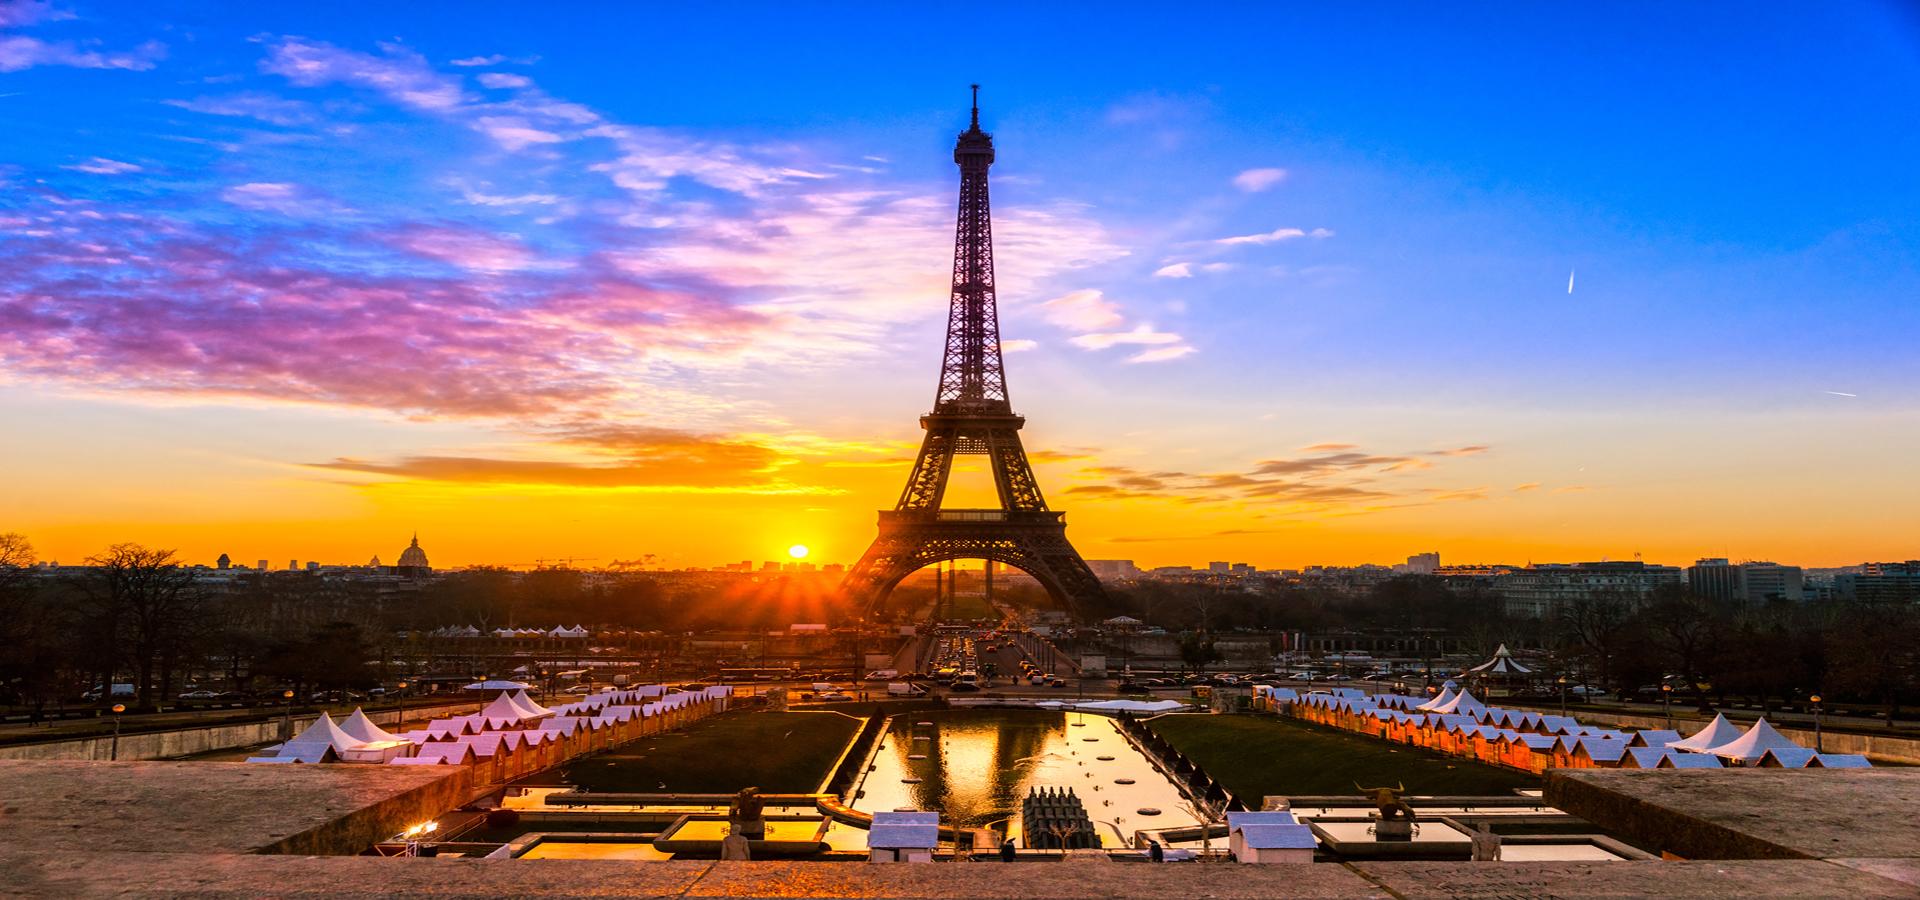 tour l u0026 39 architecture le tourisme c u00e9l u00e8bre contexte les